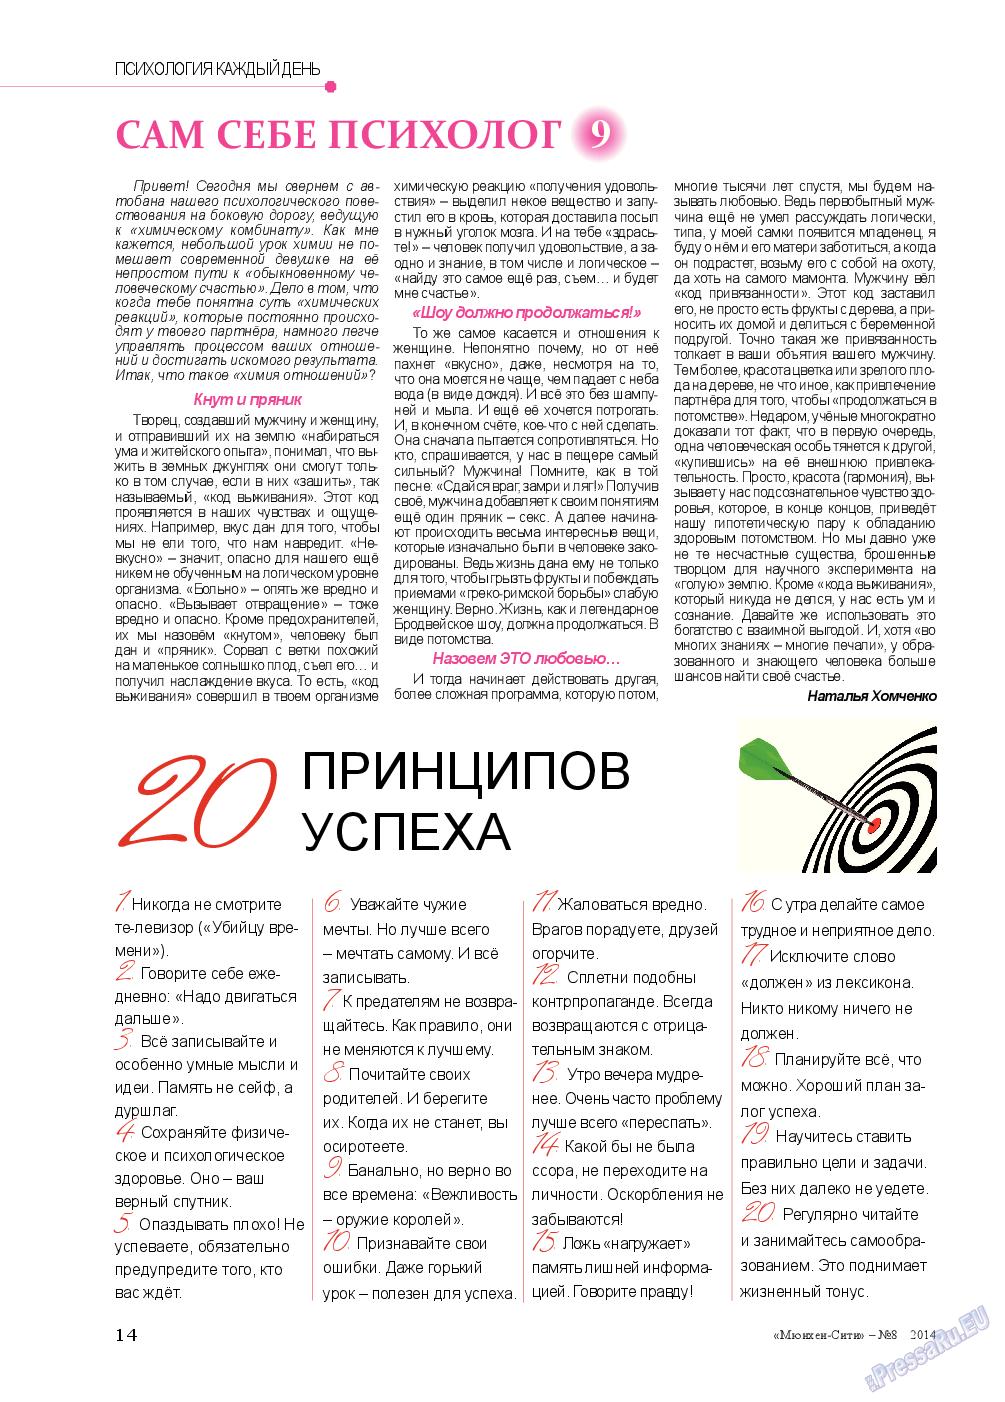 Мюнхен-сити (журнал). 2014 год, номер 8, стр. 14